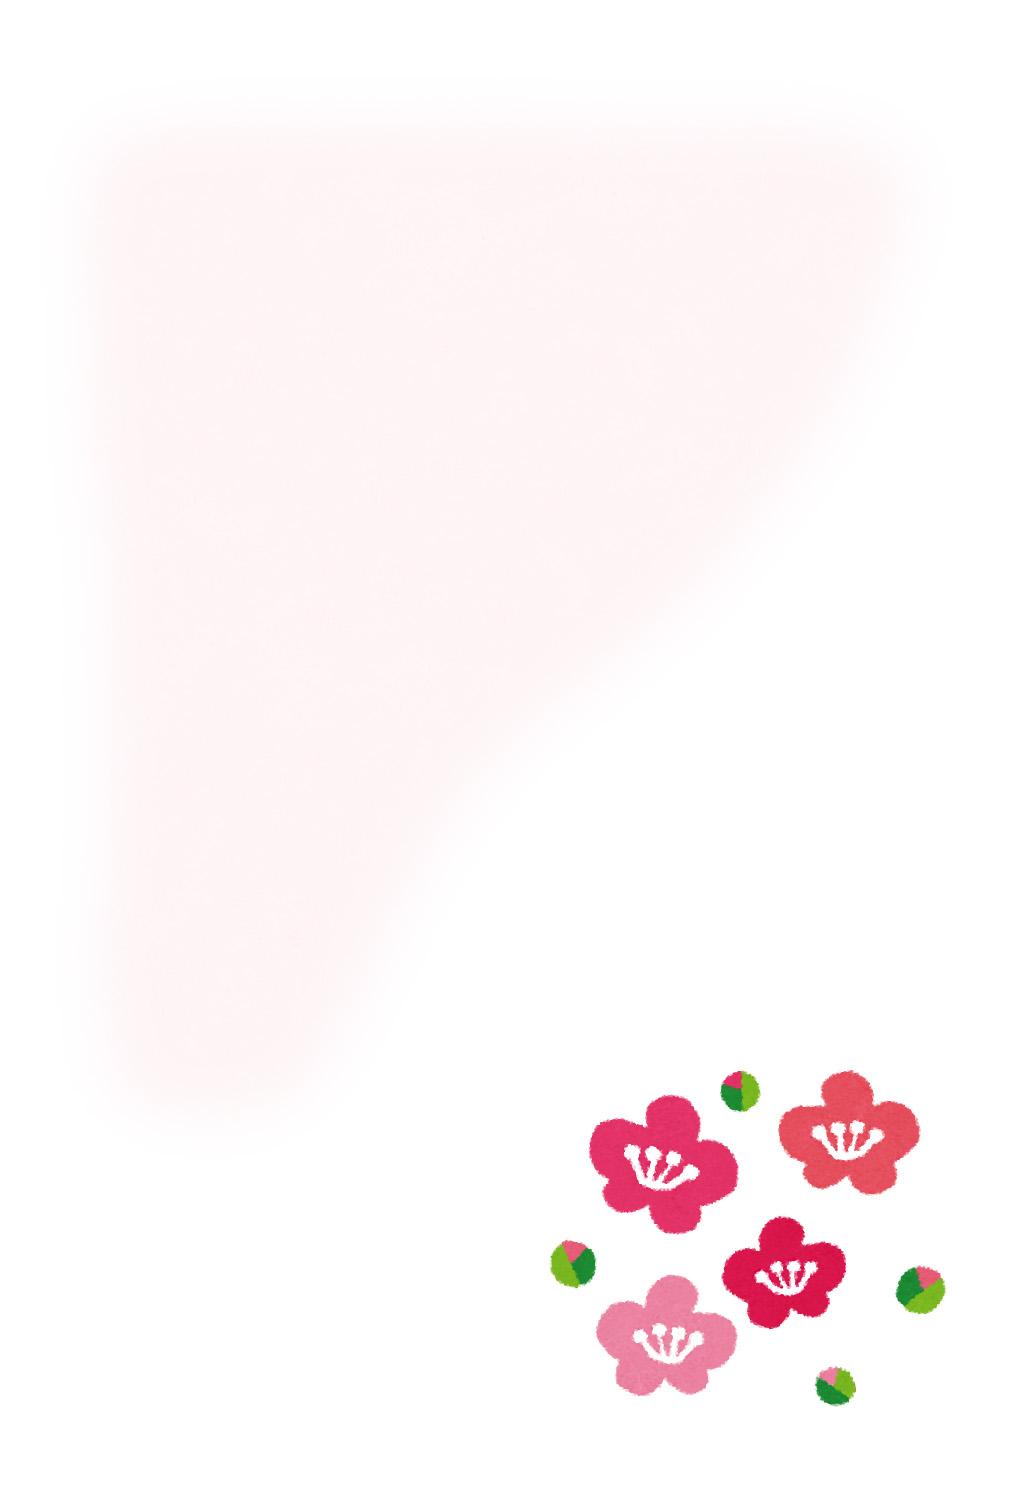 季節のはがきのテンプレート「1月 梅」 | かわいいフリー素材集